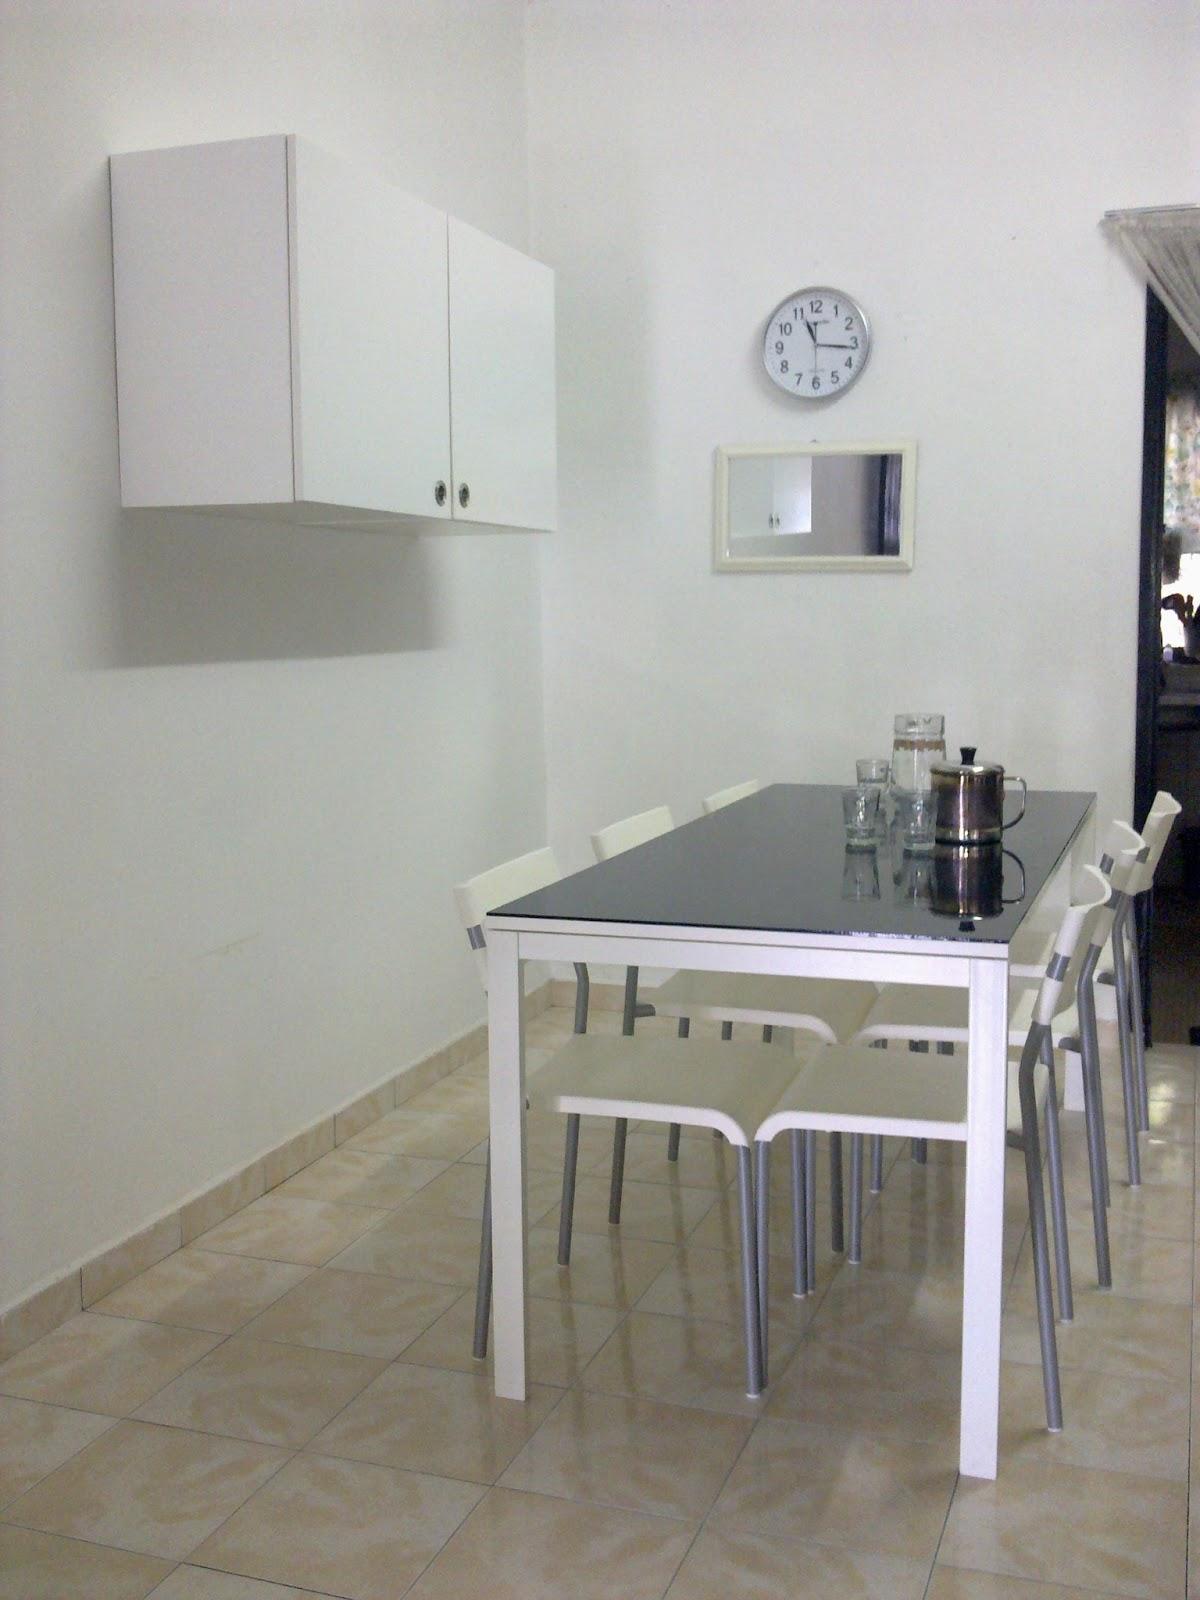 Wall Cabinet Dari Ikea Saya Sangat Minat Harganya Satu Unit Tu Rm150